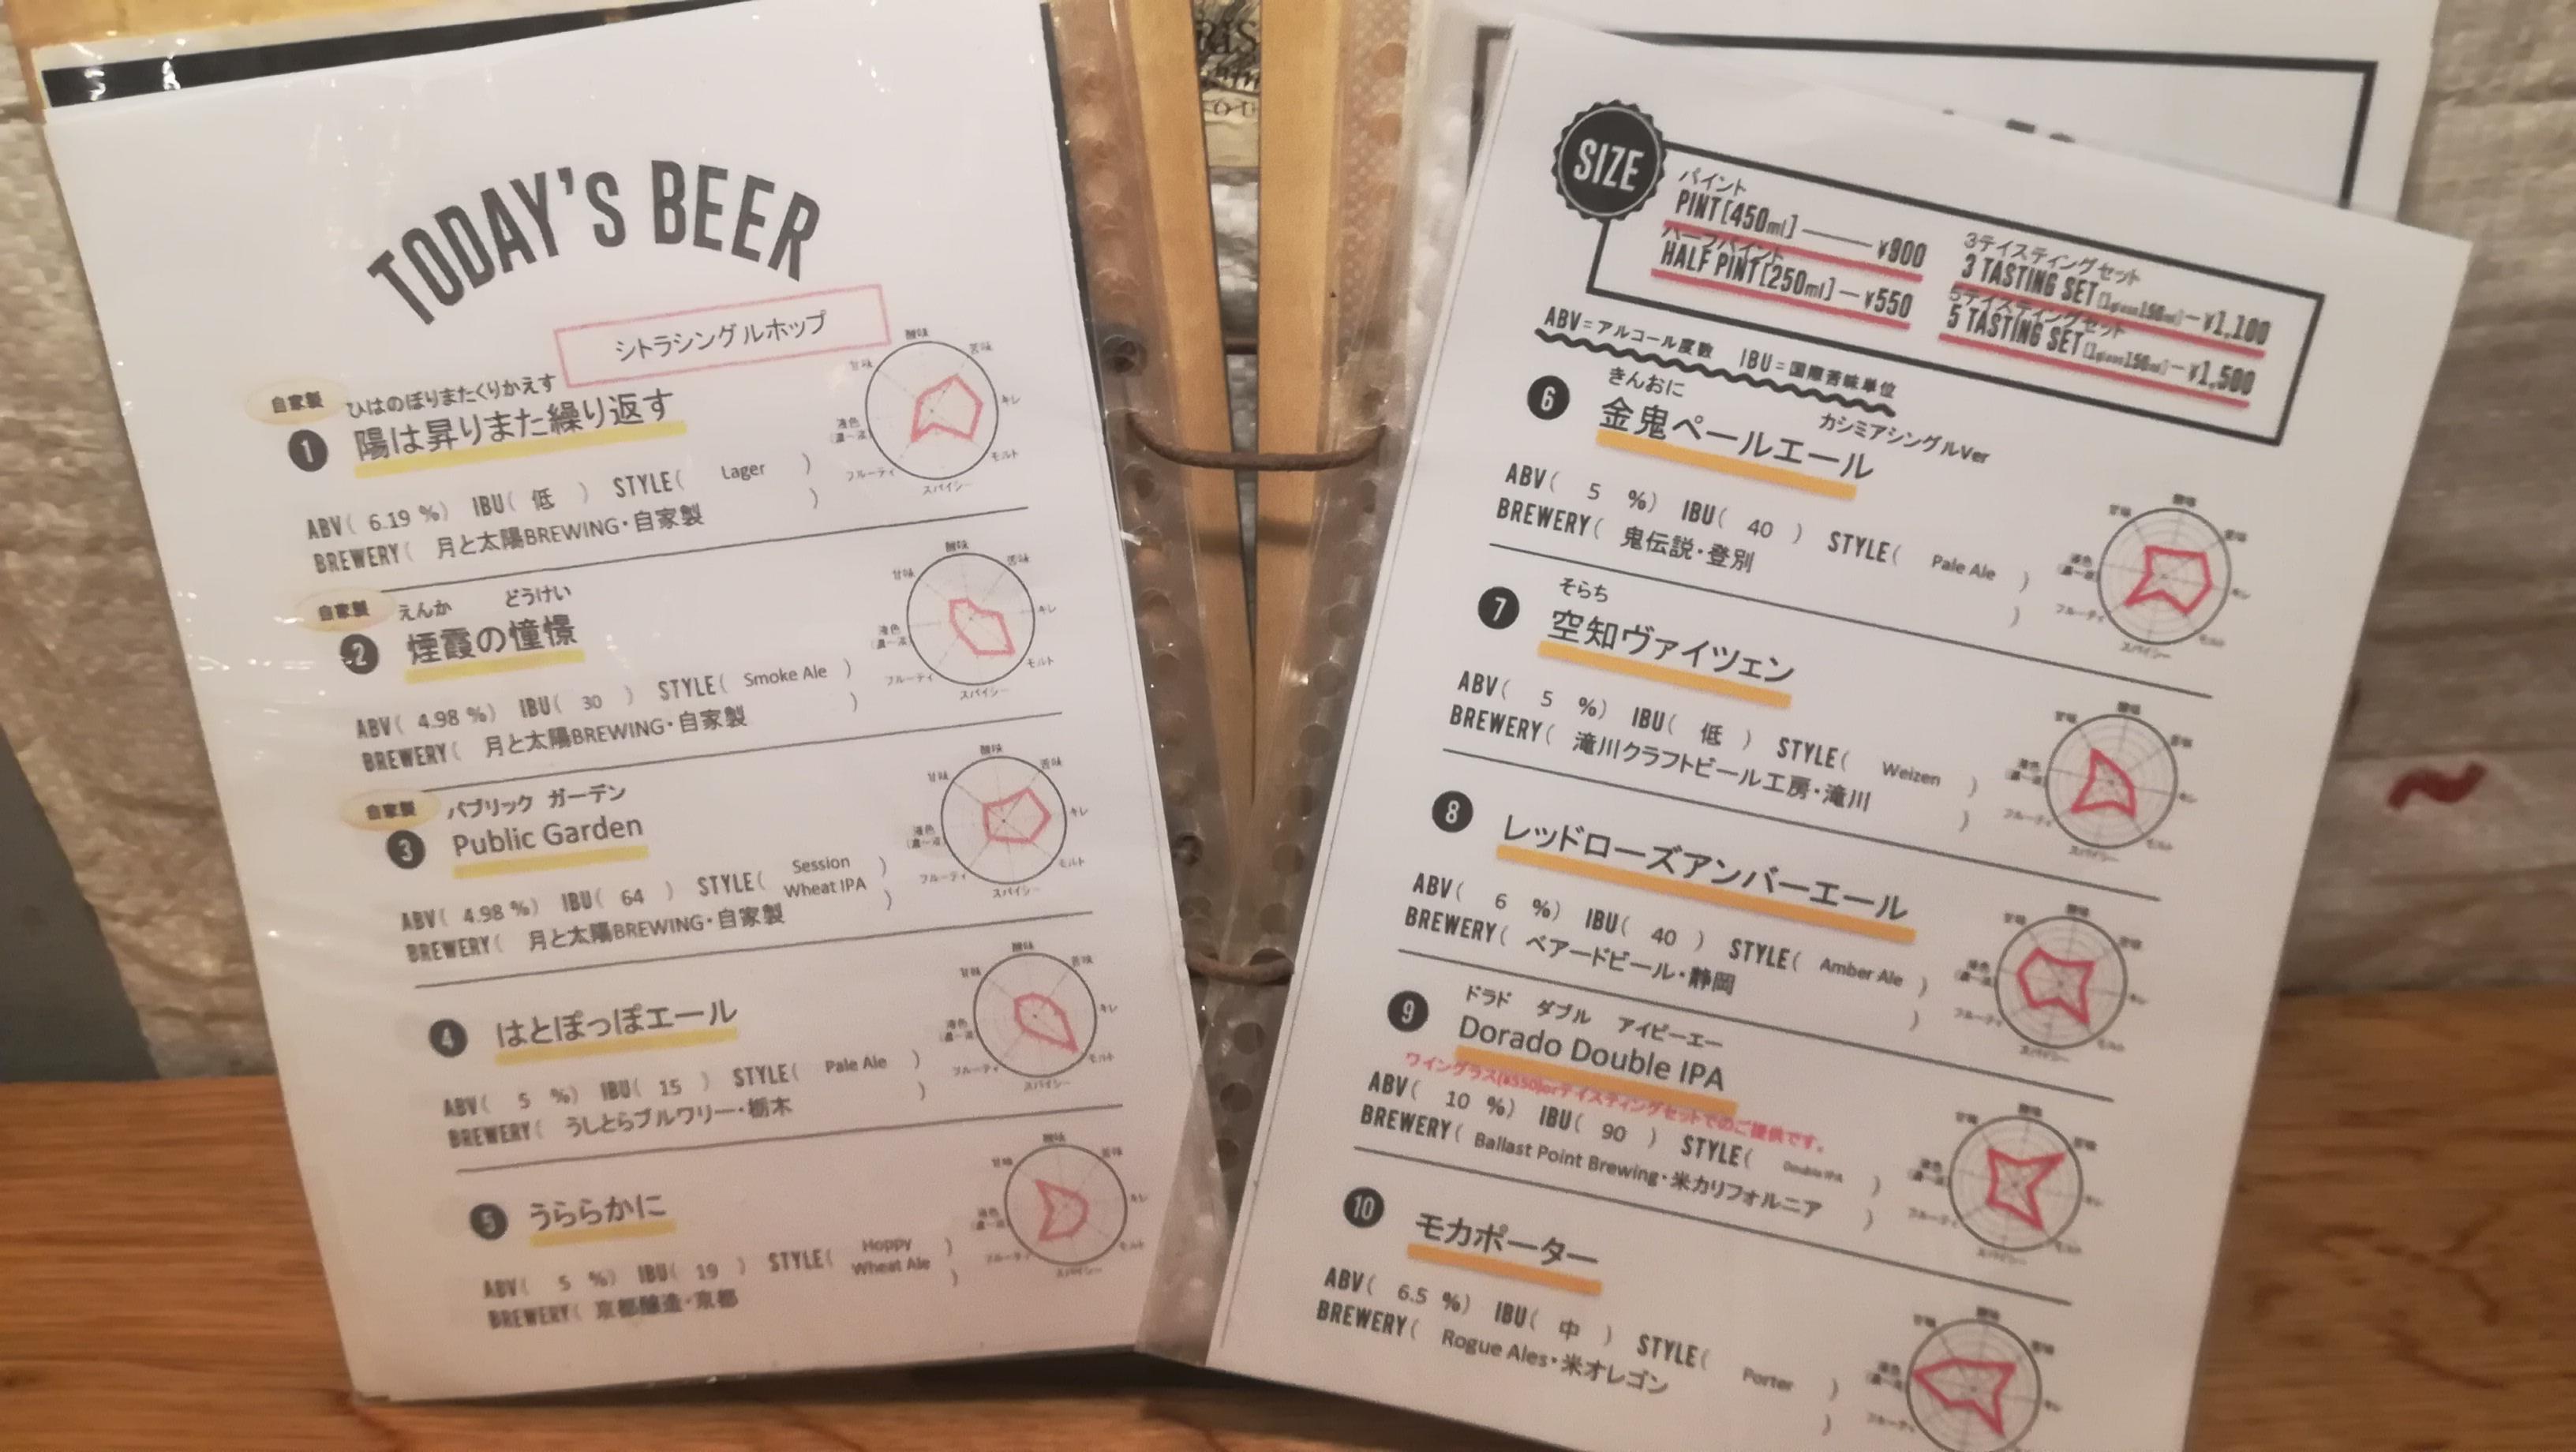 【美味】札幌のクラフトビール「月と太陽ブルーイング」に行ったよ!